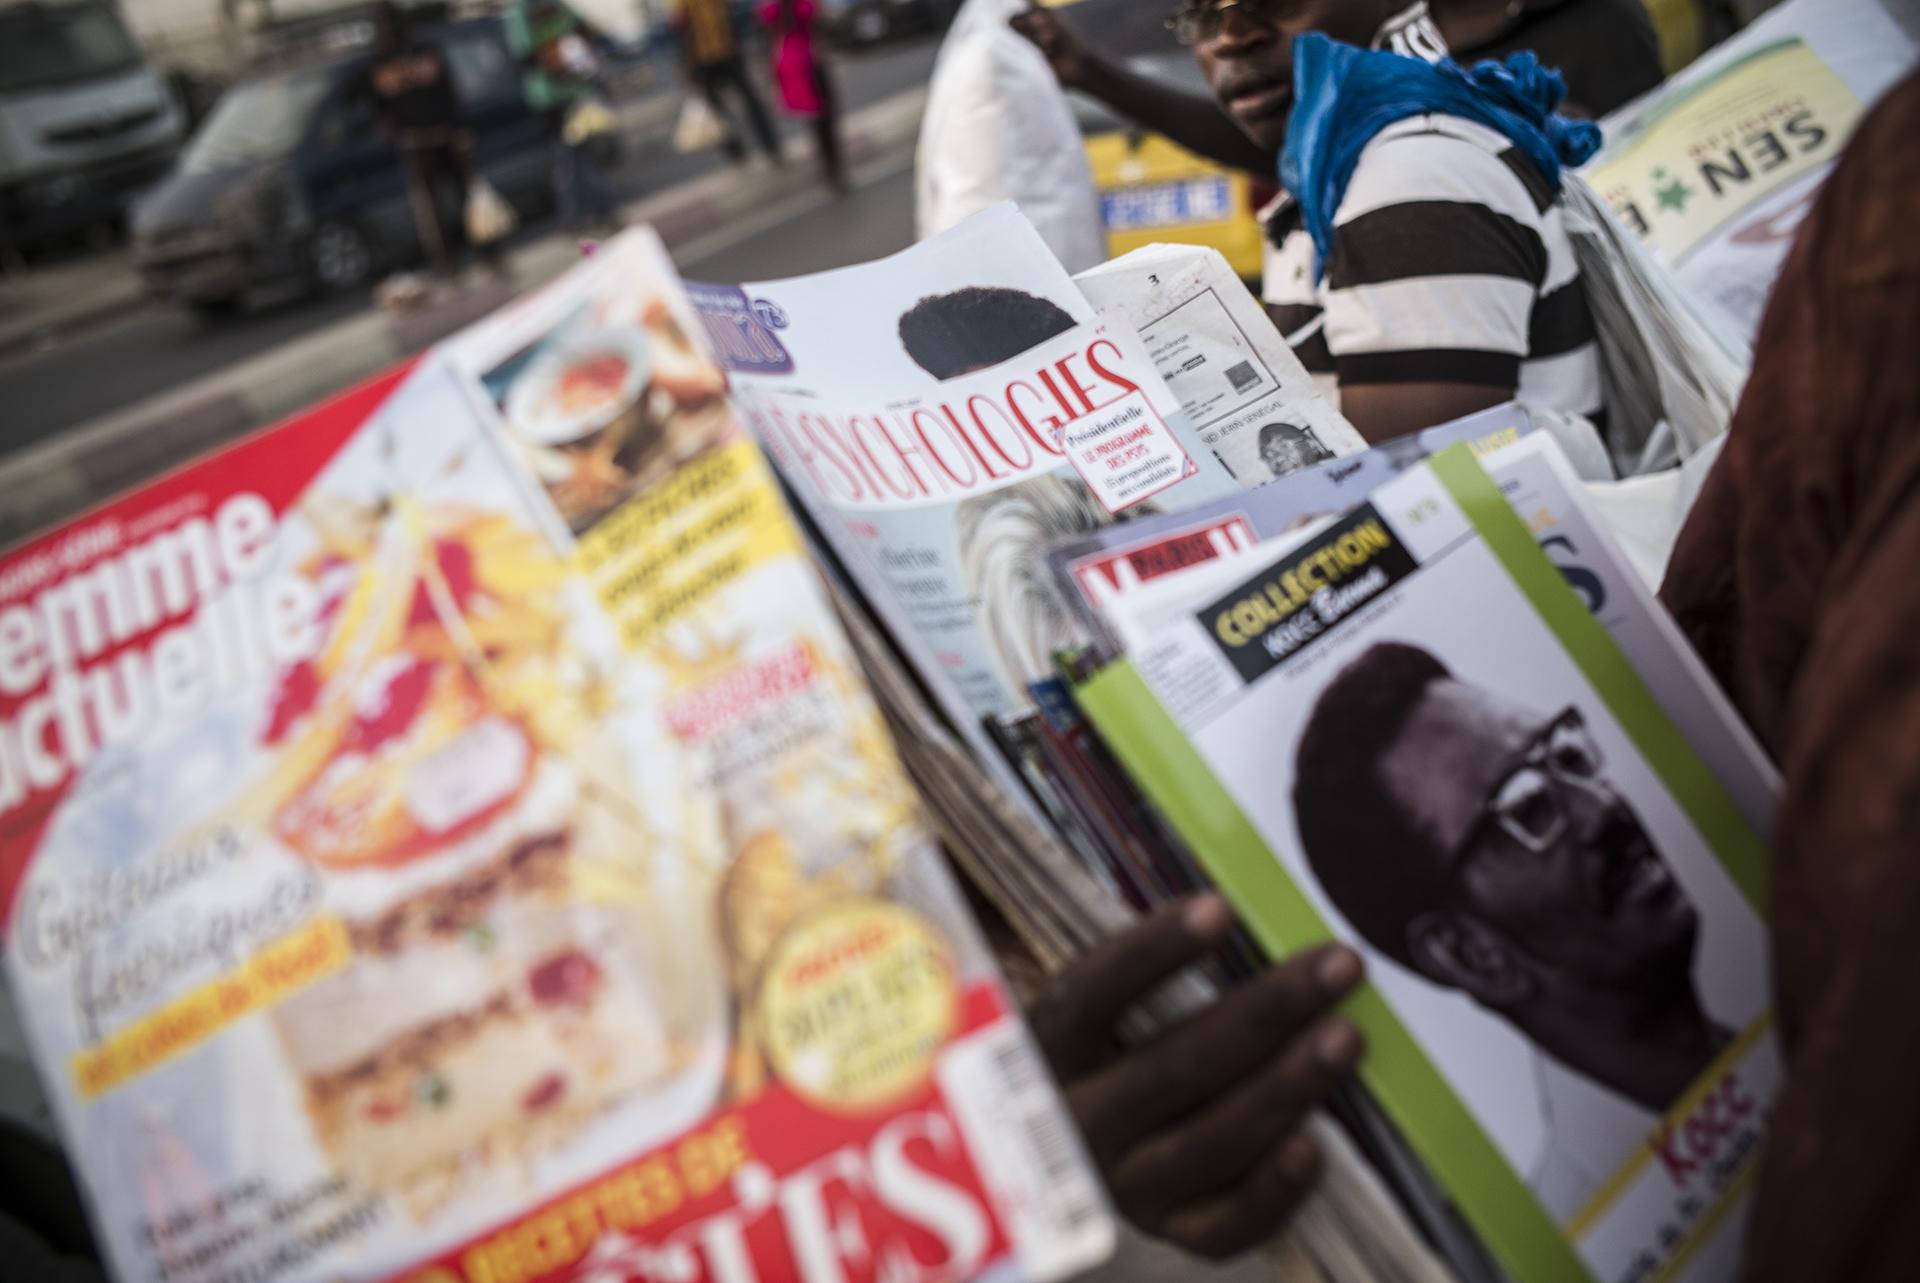 Circulation routière à Dakar, Sénégal. Mai 2017Un marchand ambulant vend de la presse française aux automobilistes dans le quartier de Mermoze. La densification du trafic routier à Dakar profite aux vendeurs.